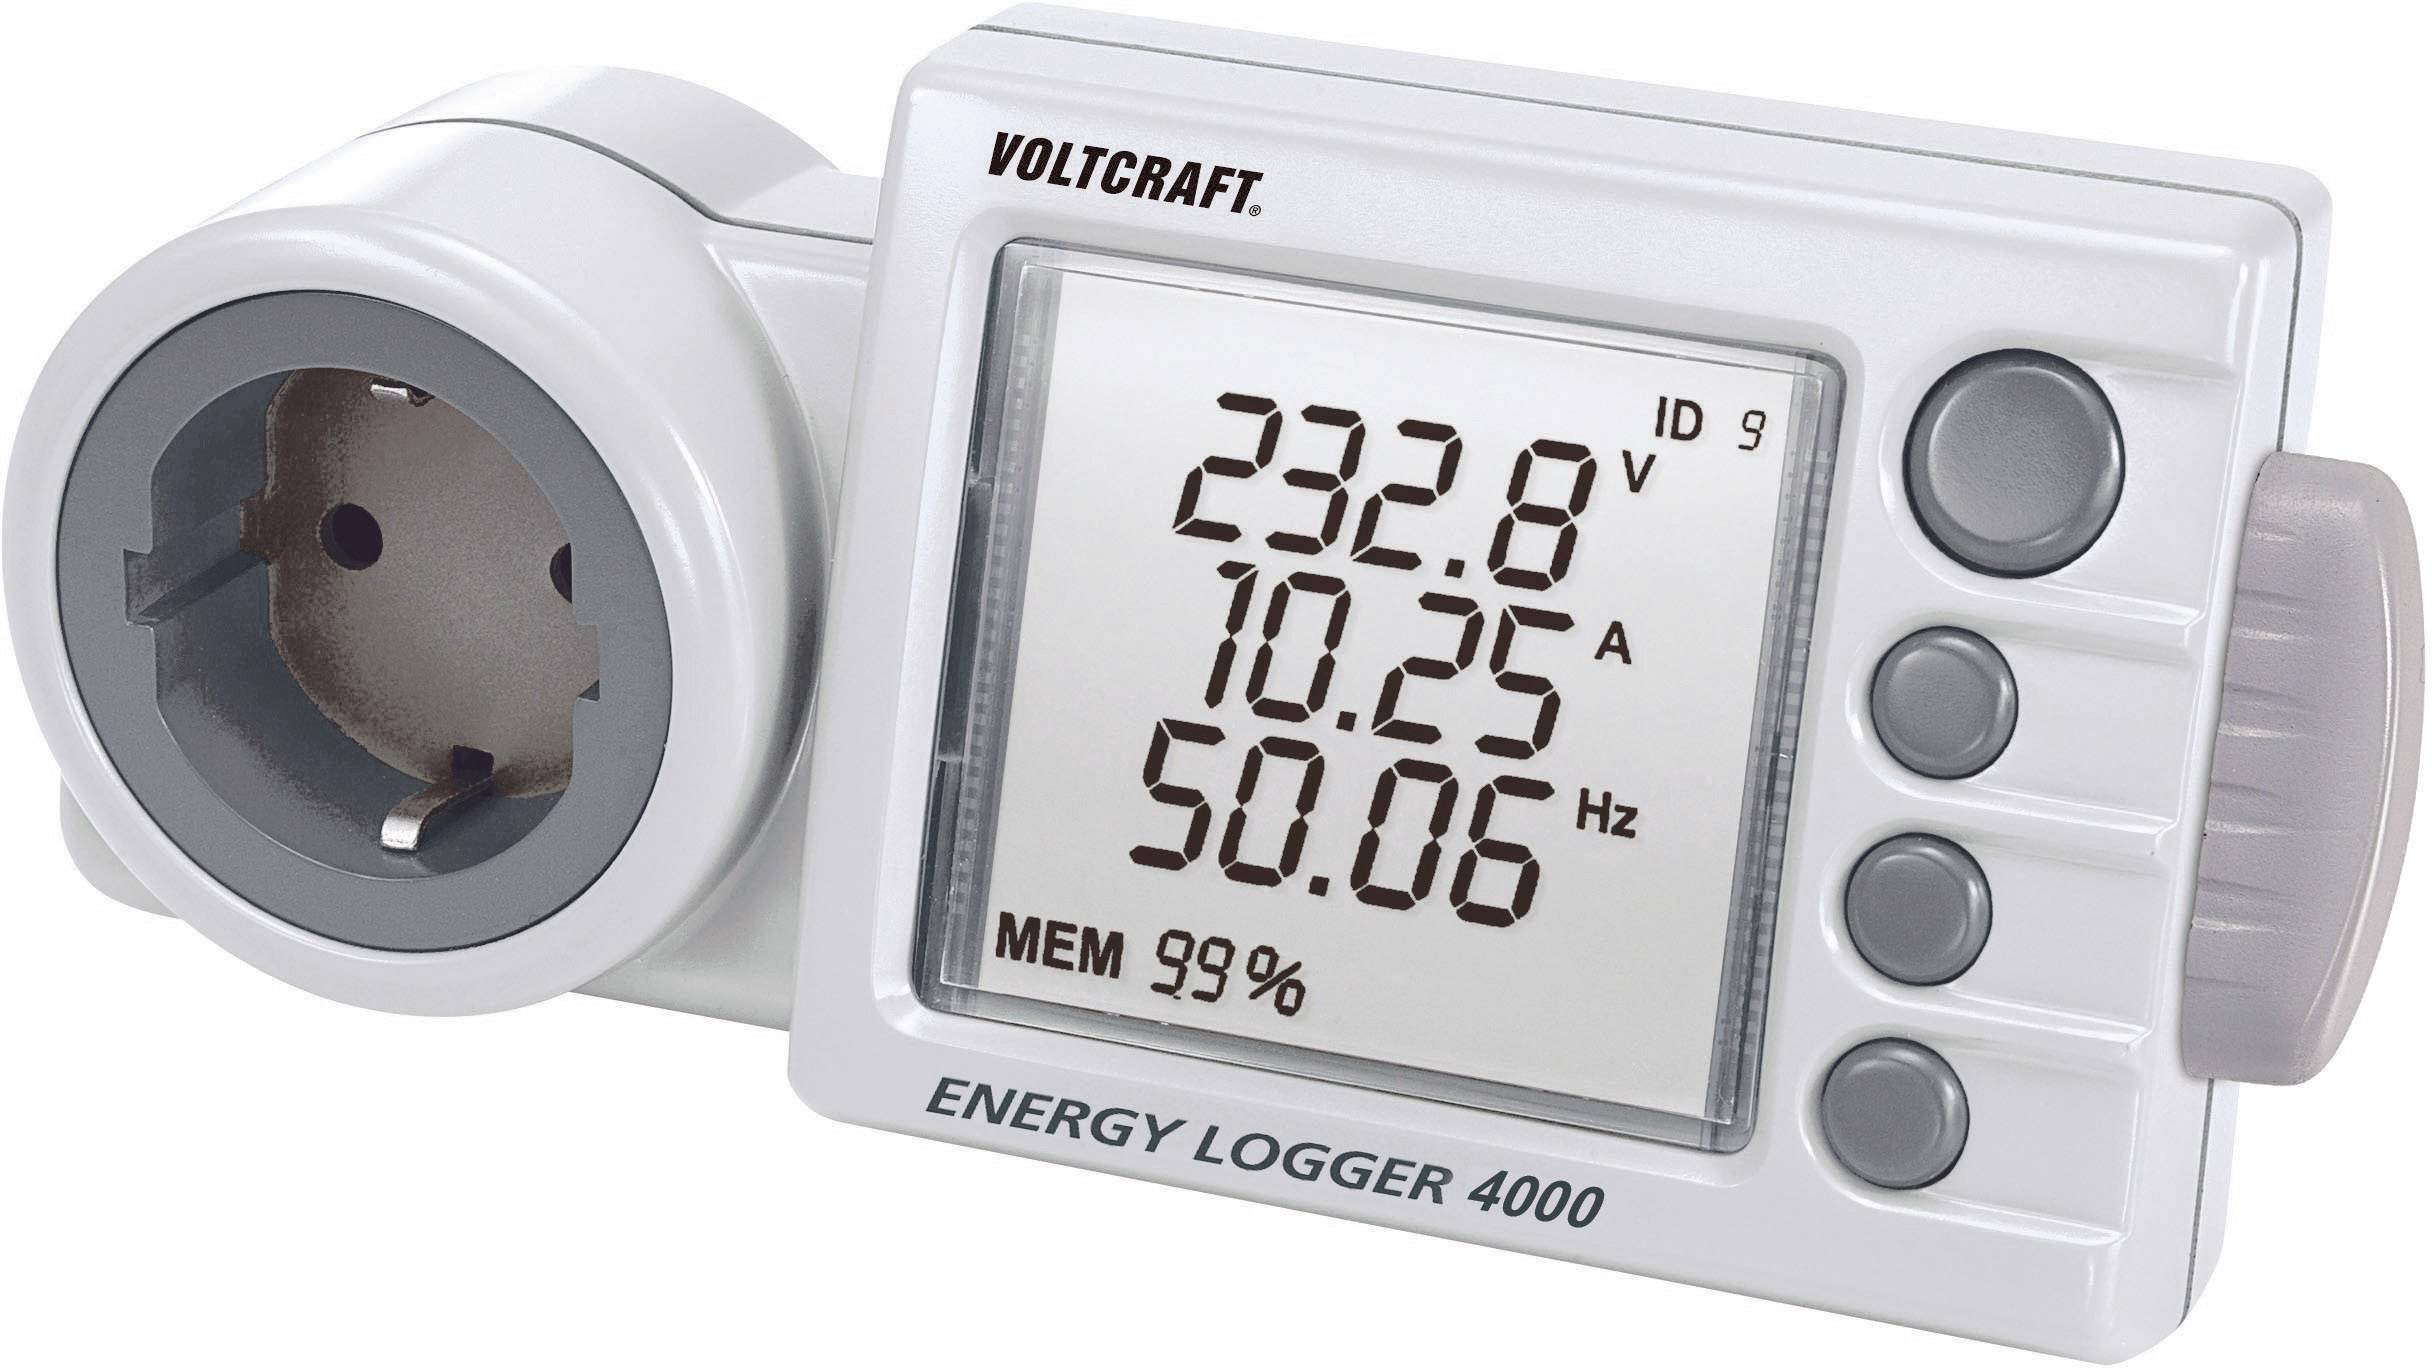 Merač spotreby elektrickej energie Energy Logger 4000